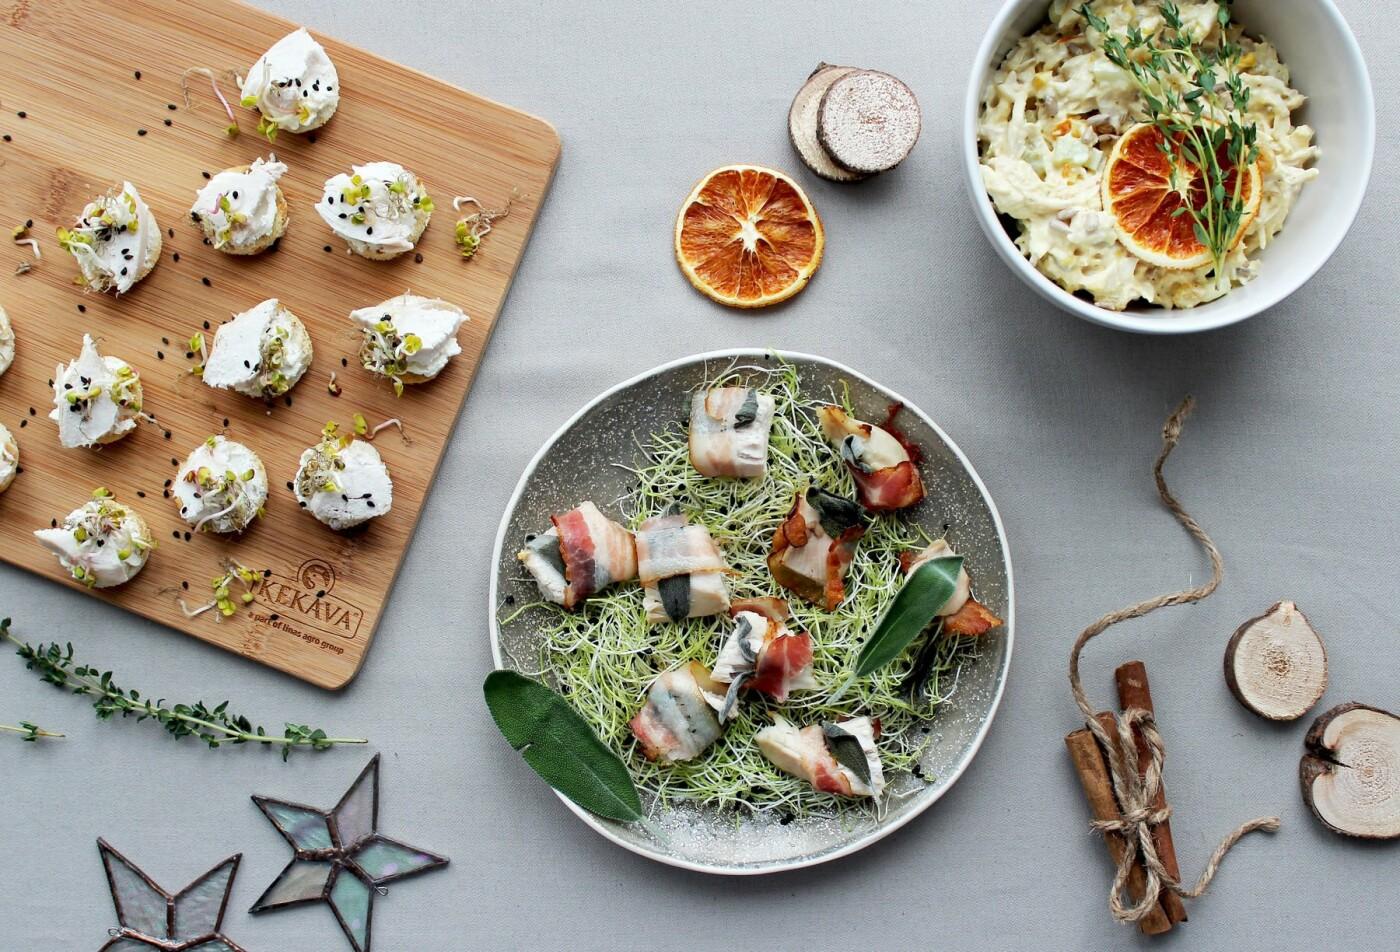 Maisto tinklaraštininkė Kristina Pišniukaitė pataria, kaip iš vieno produkto paruošti tris Kalėdinius patiekalus, nuotrauka-3